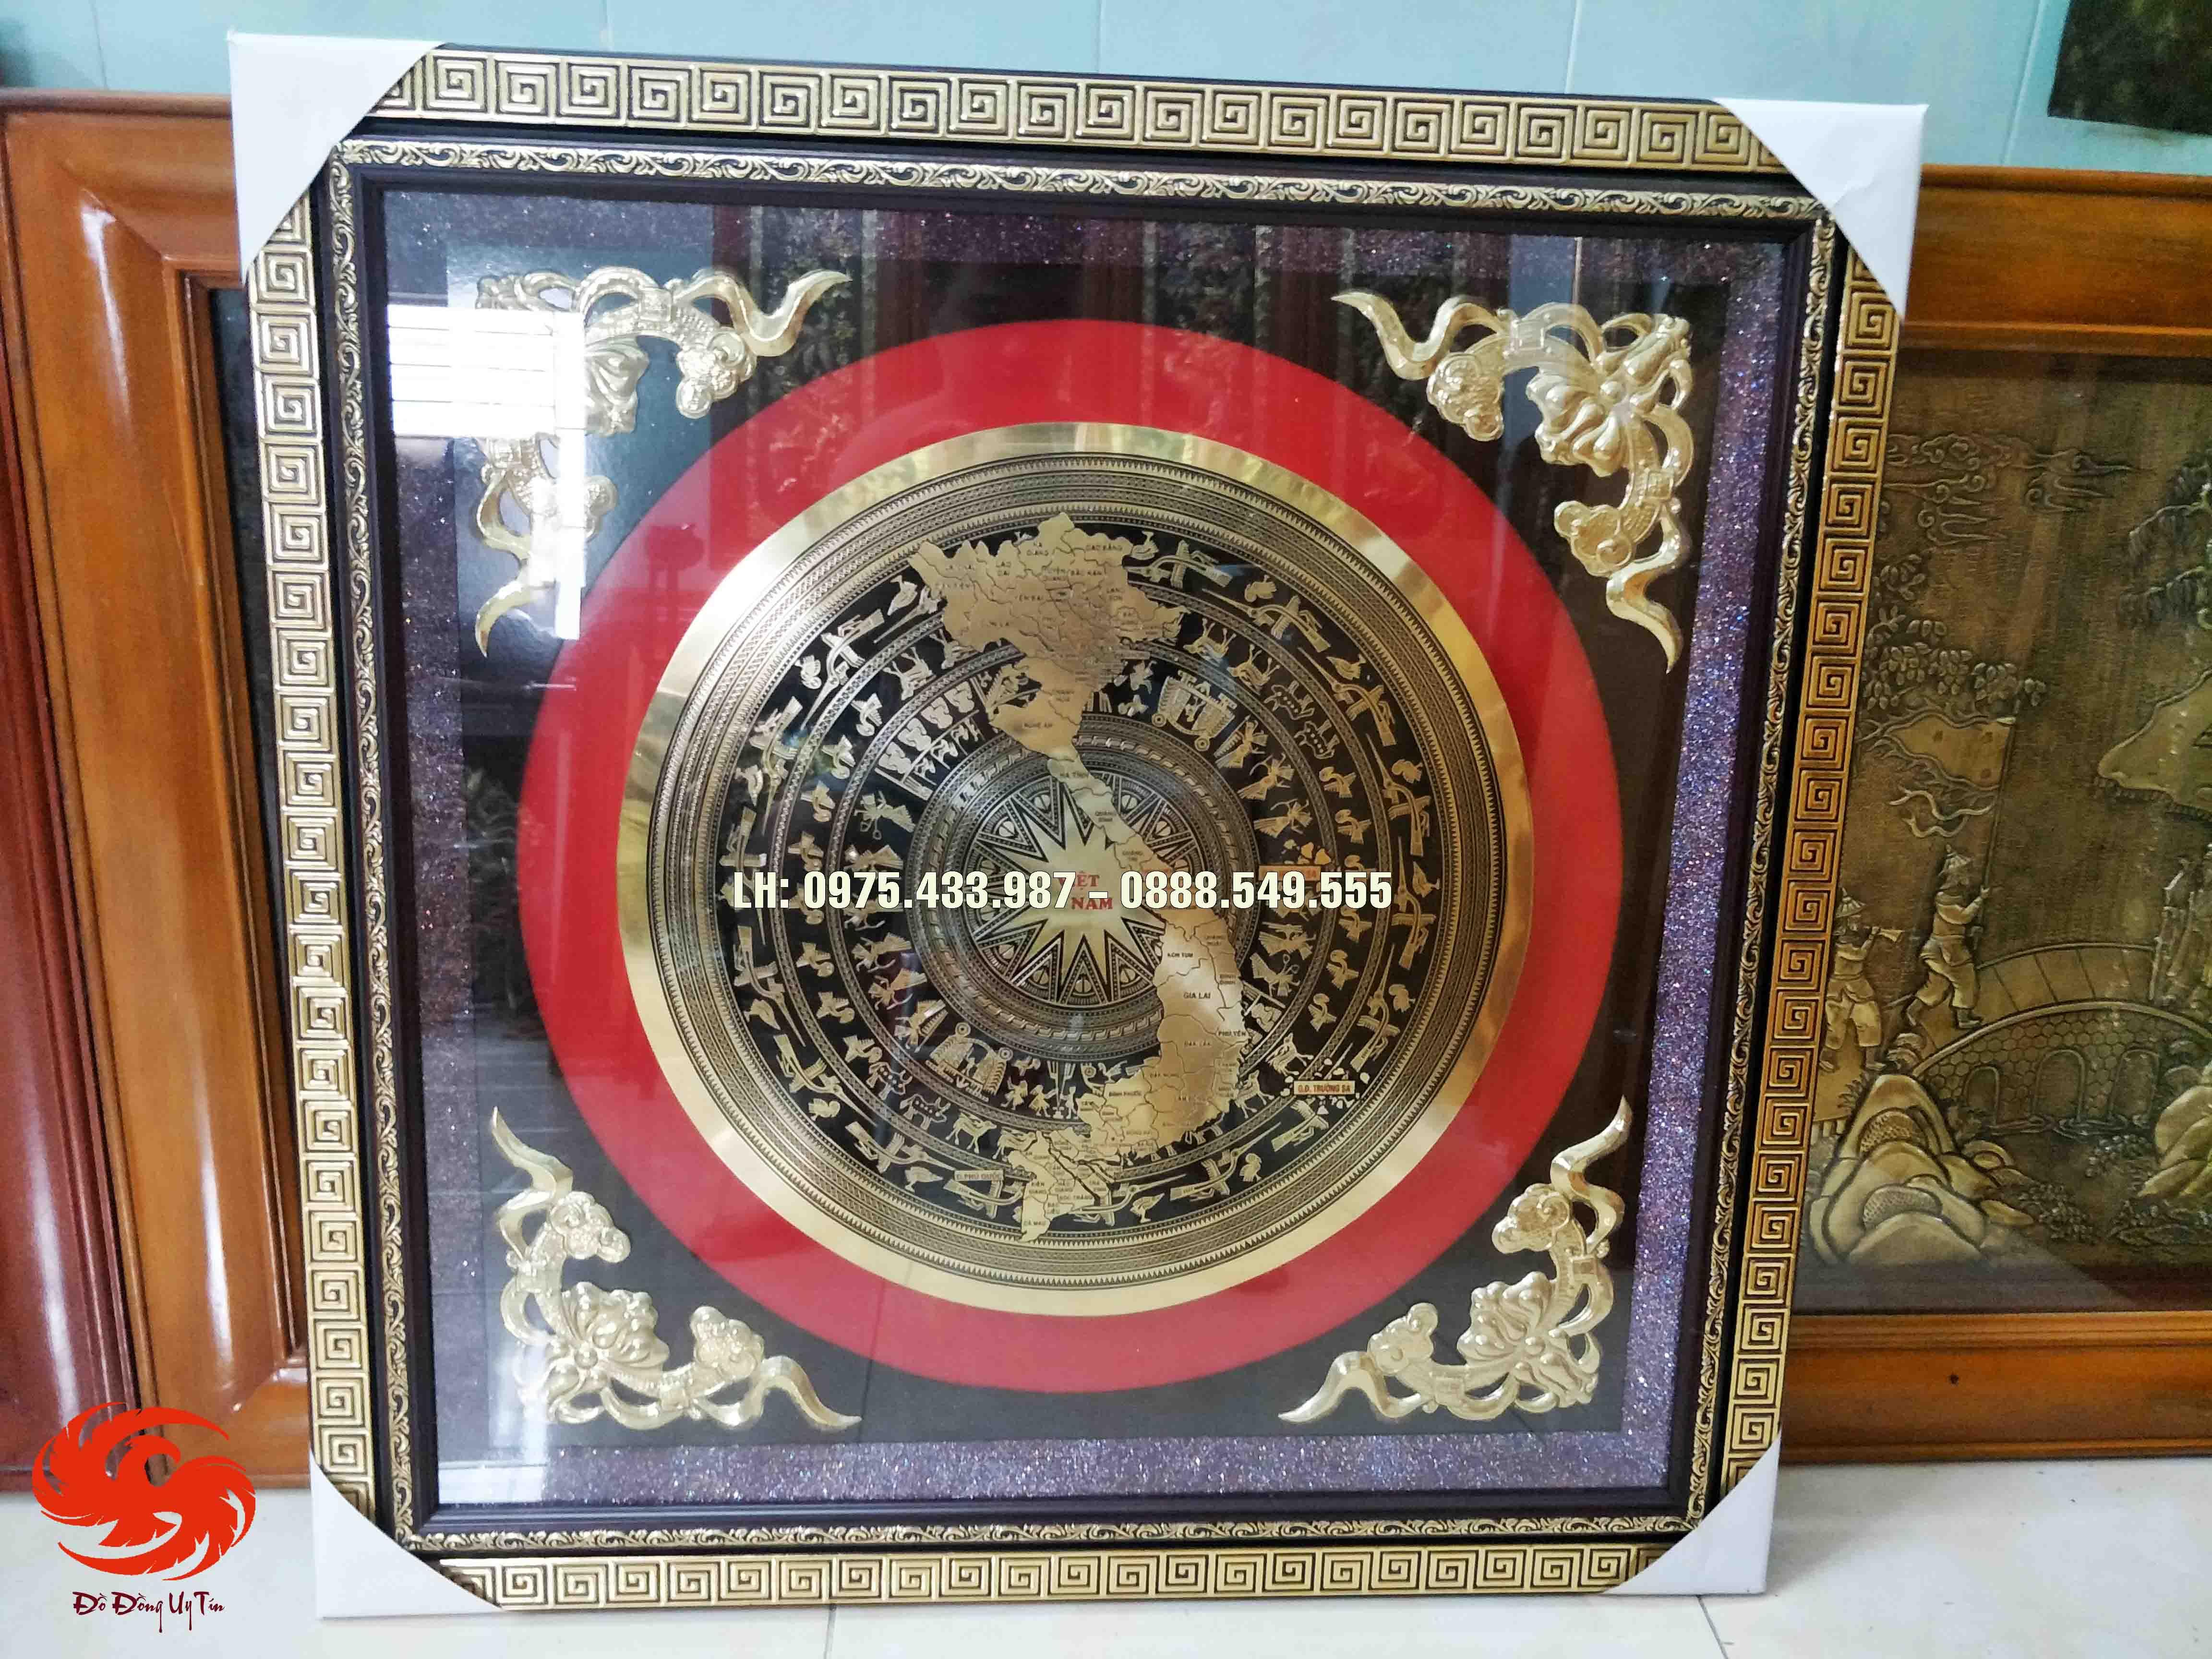 Mặt trống đồng vàng nền đen 80 x 80 gắn khung nhựa